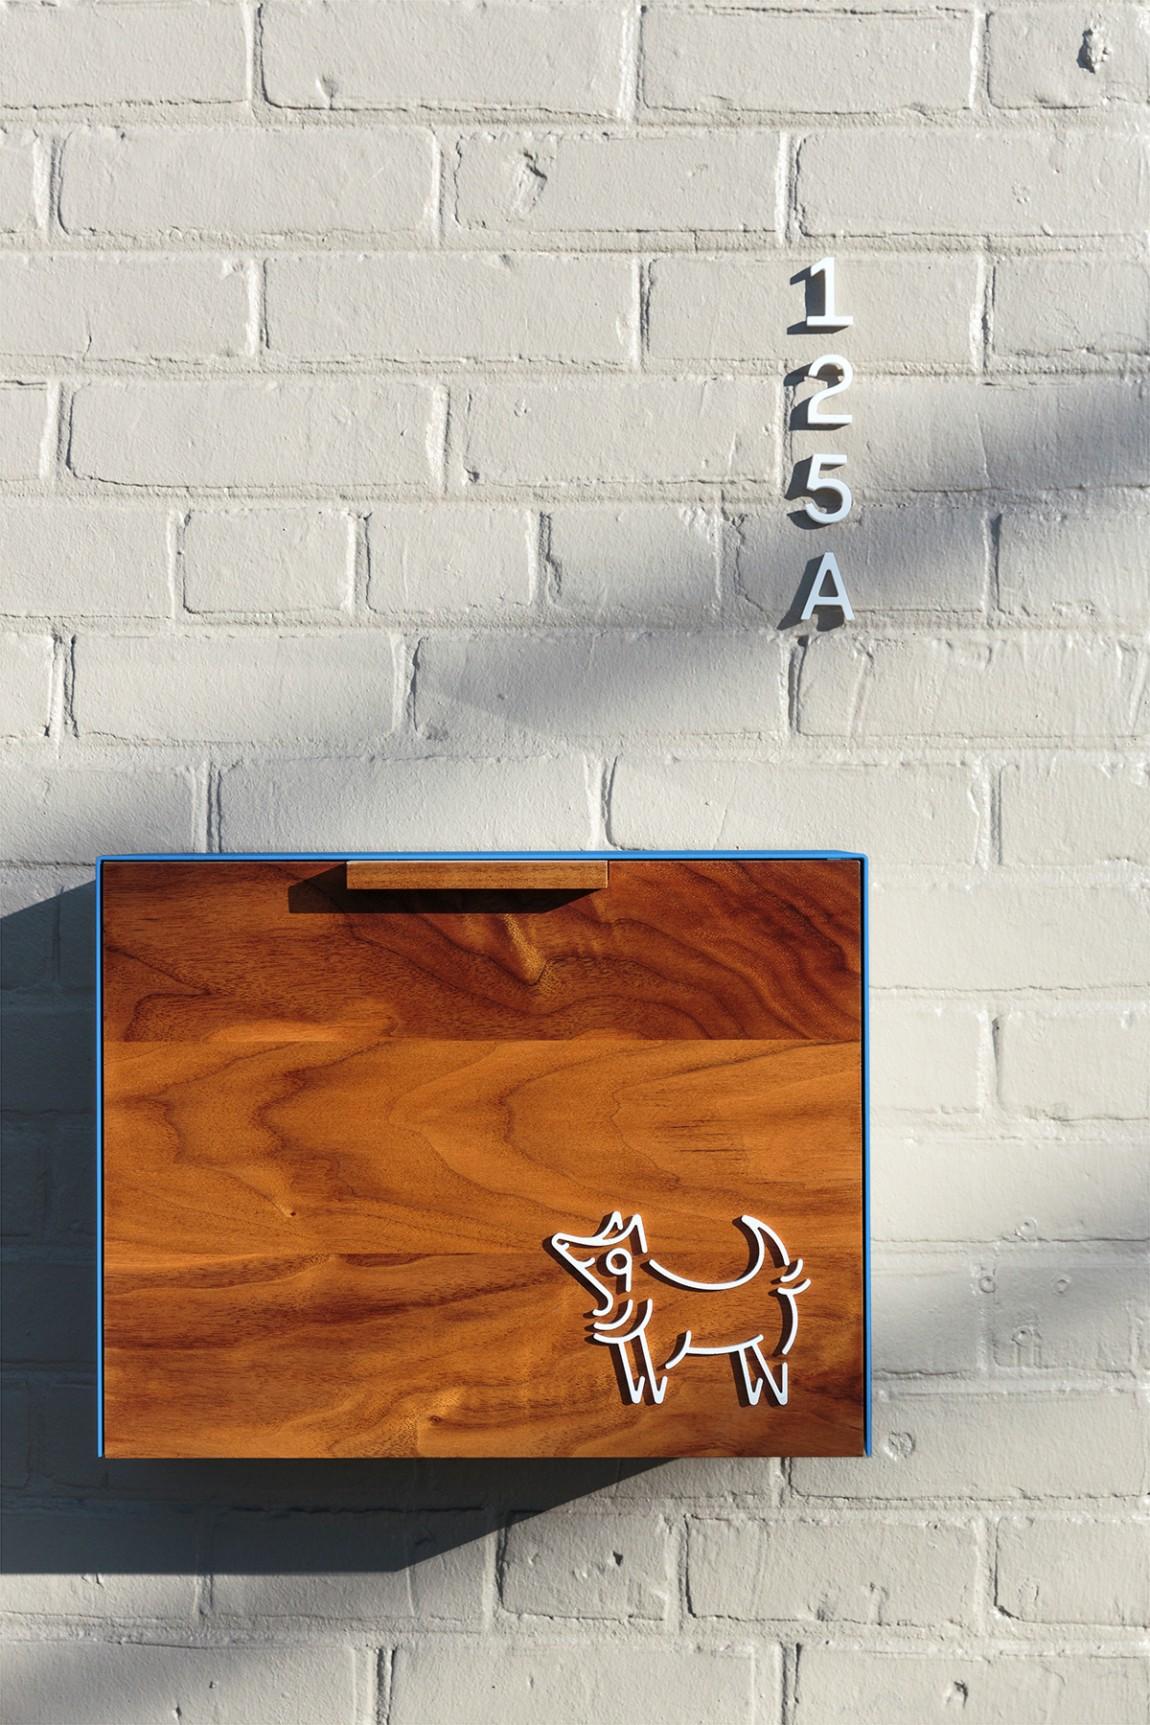 如何提升品牌形象?Little Wolf烘焙工坊咖啡馆品牌vi设计,导视系统设计